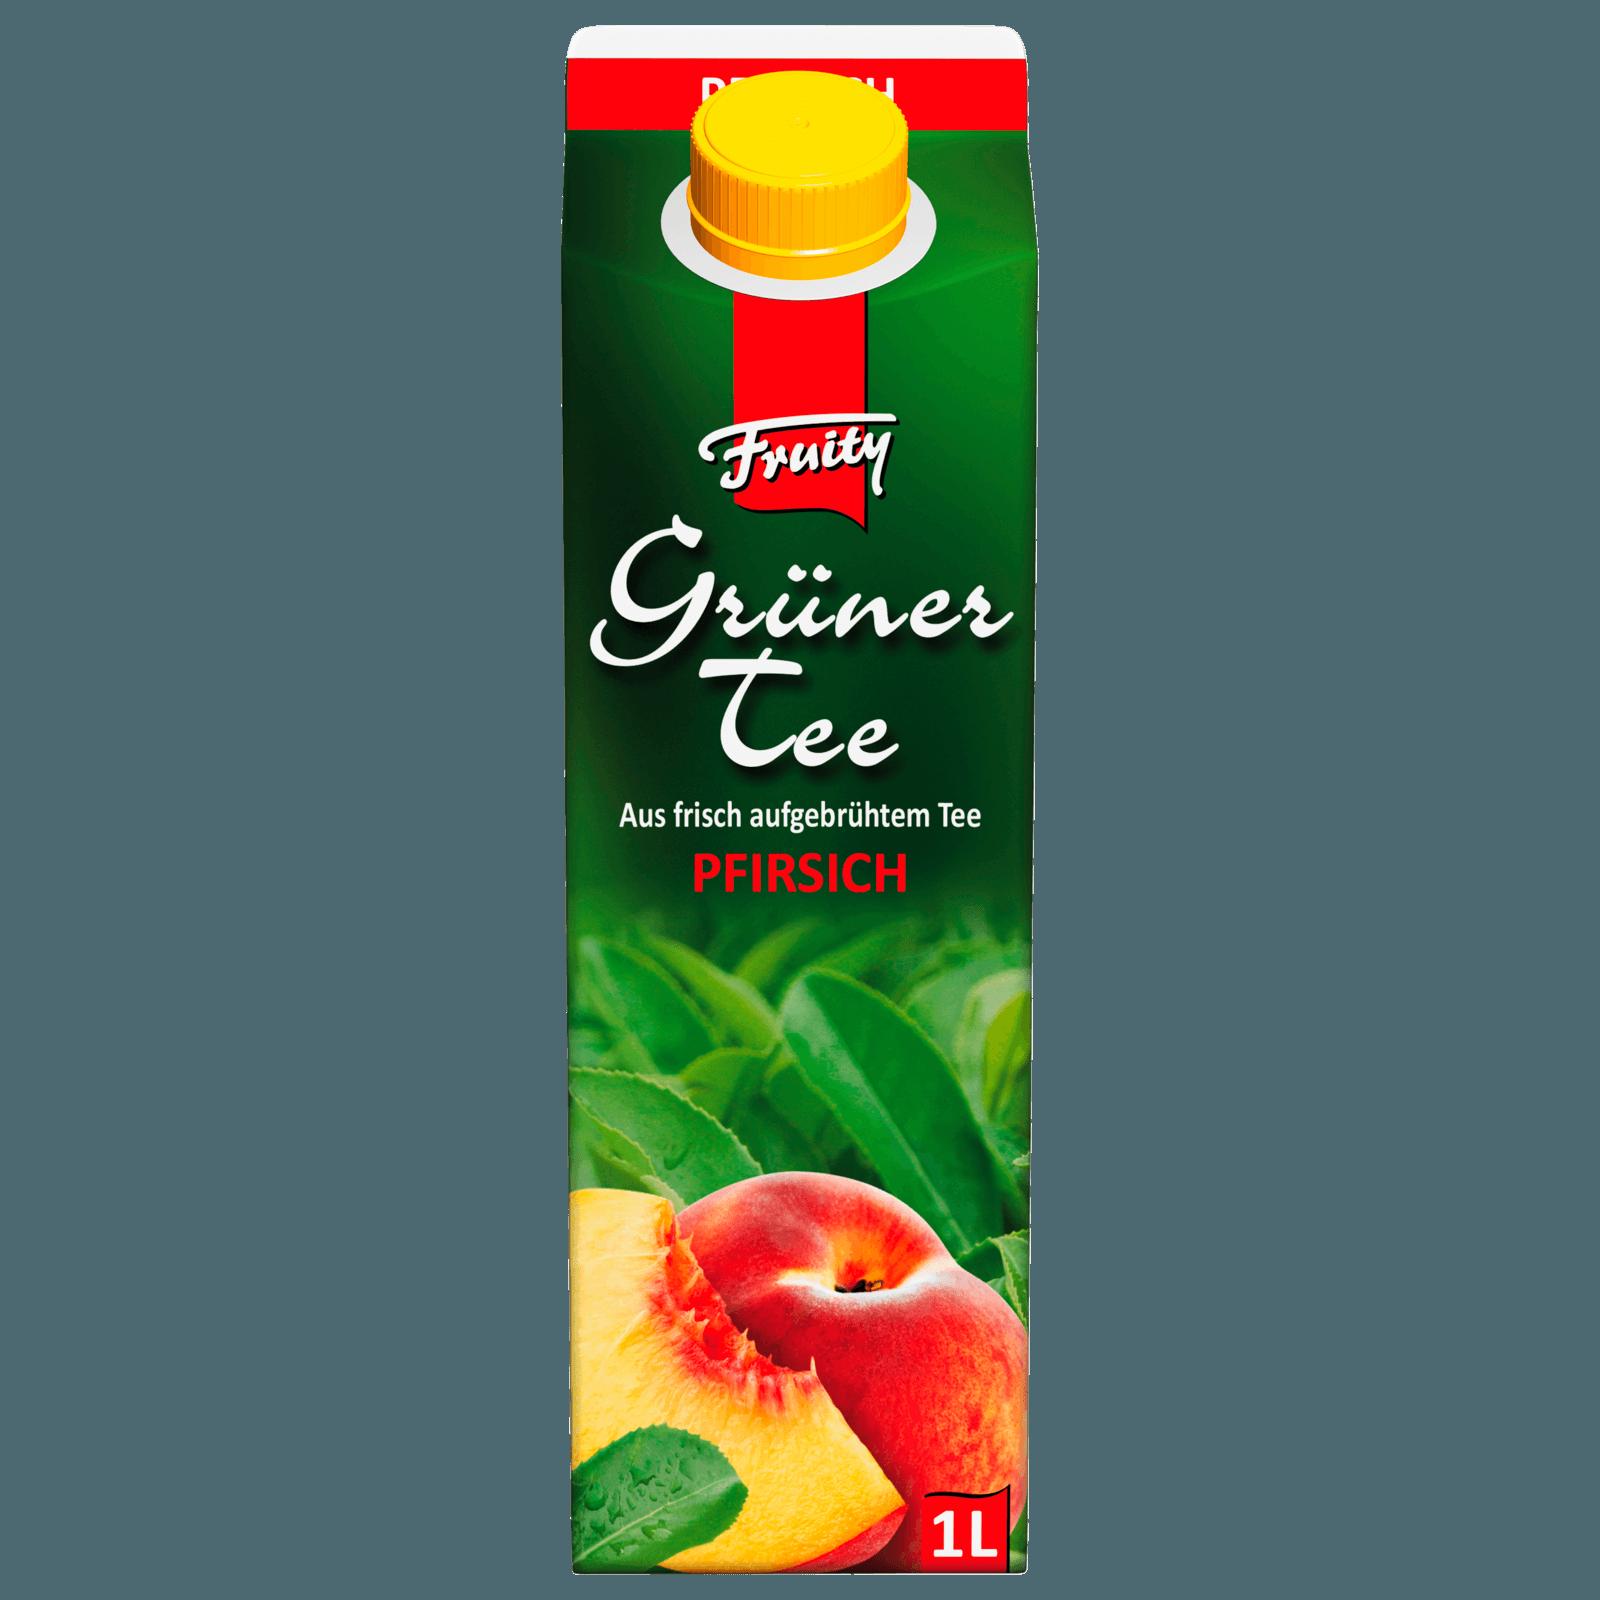 Fruity Grüner Tee Pfirsich 1l bei REWE online bestellen!